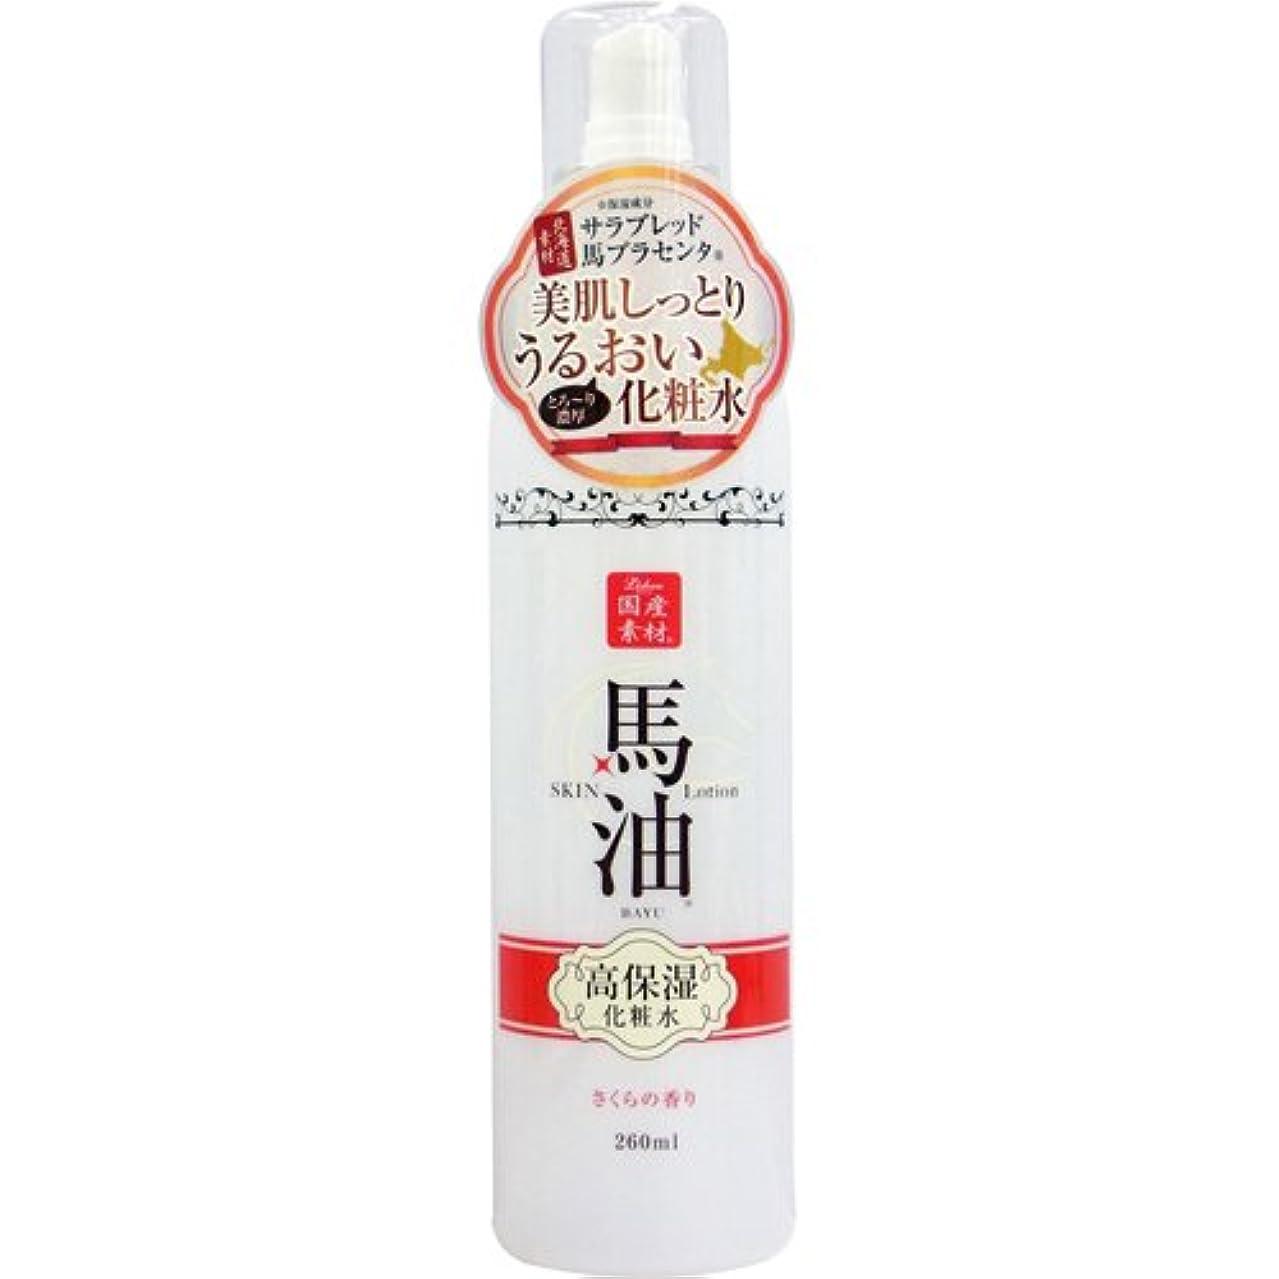 お手入れ誰が松明リシャン 馬油化粧水 (さくらの香り) (260mL)